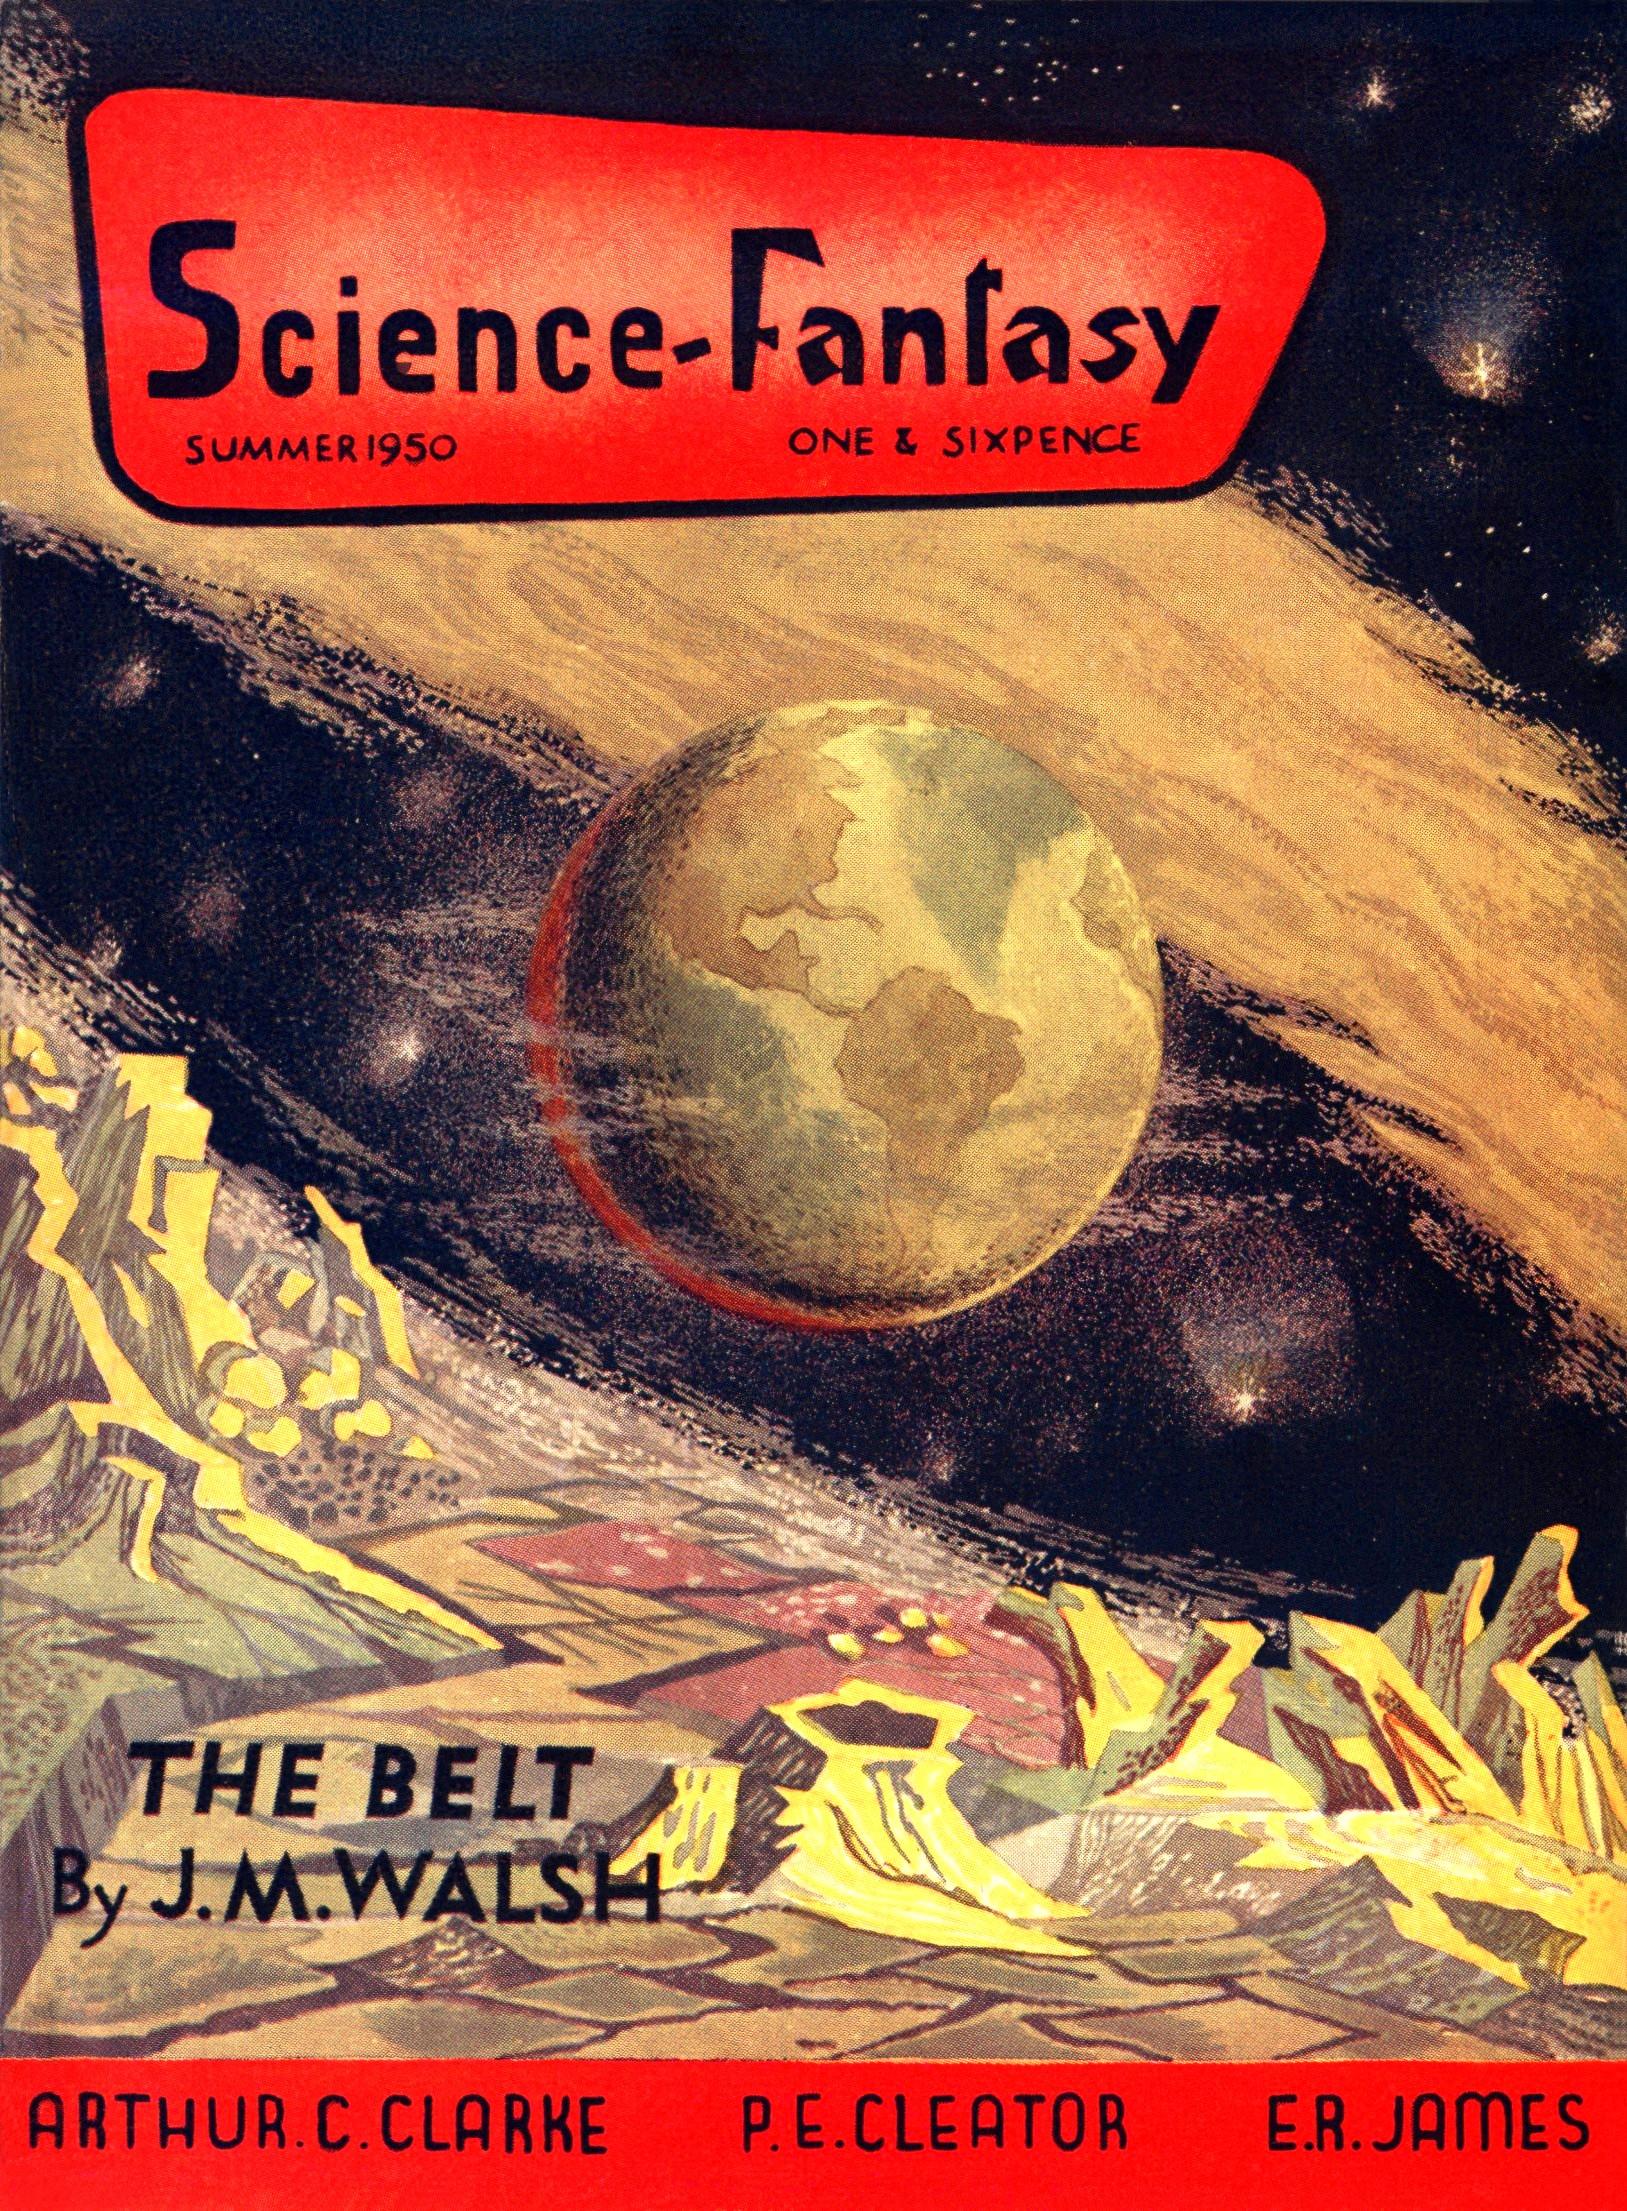 Science Fantasy, Summer 1950